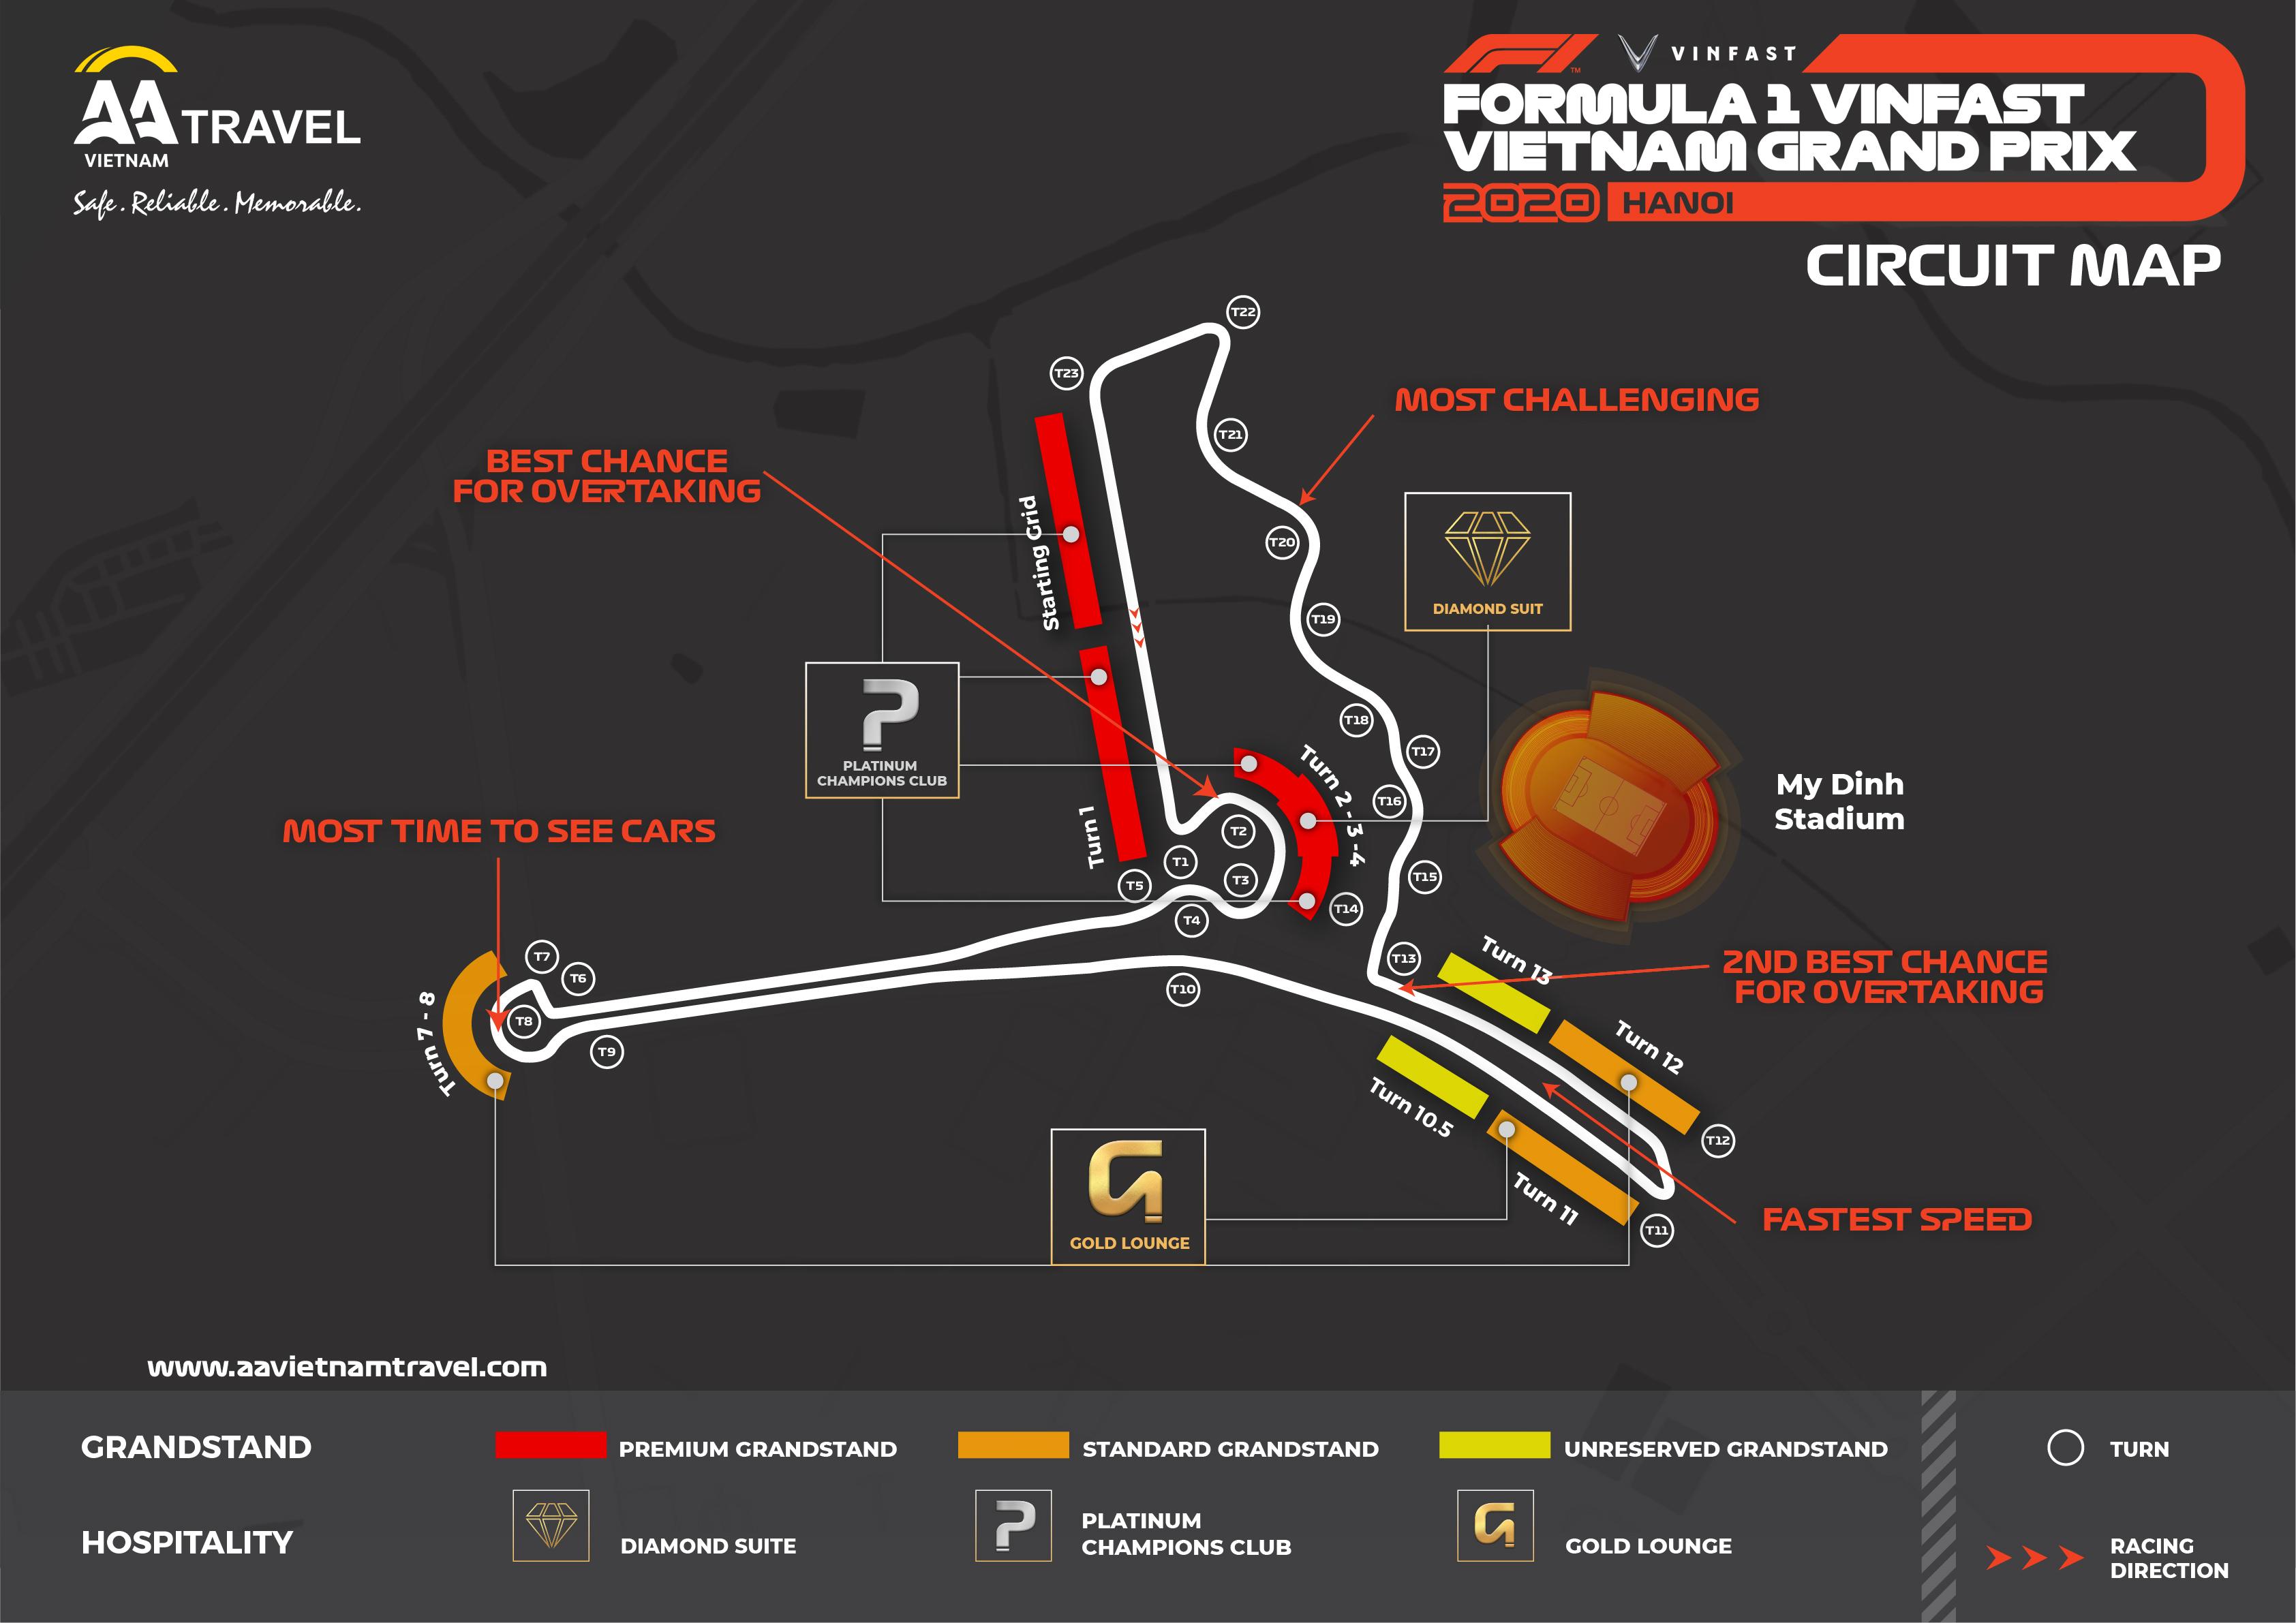 Vietnam Grand Prix 2020